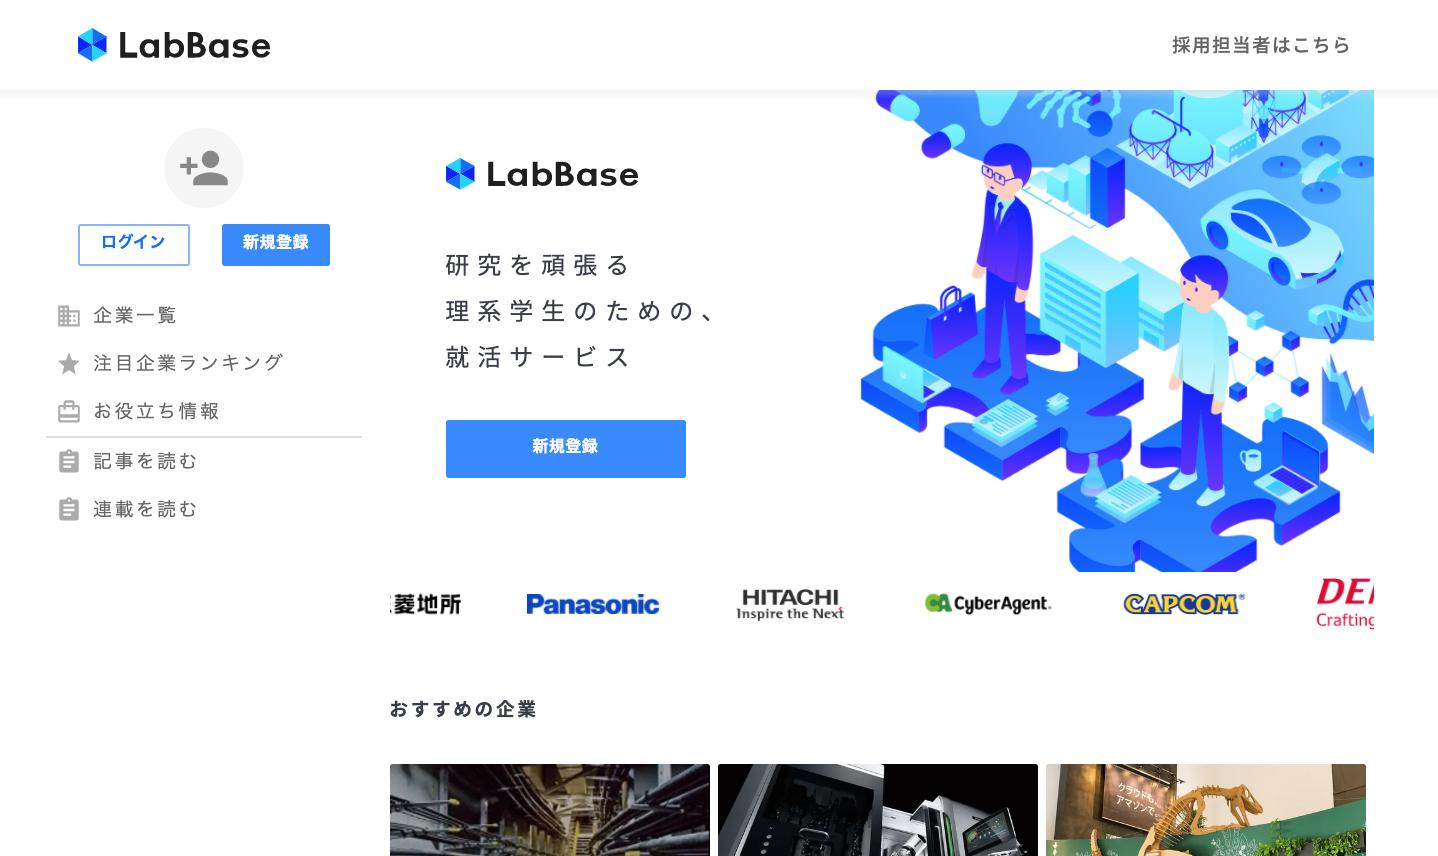 LabBaseのサービス画像